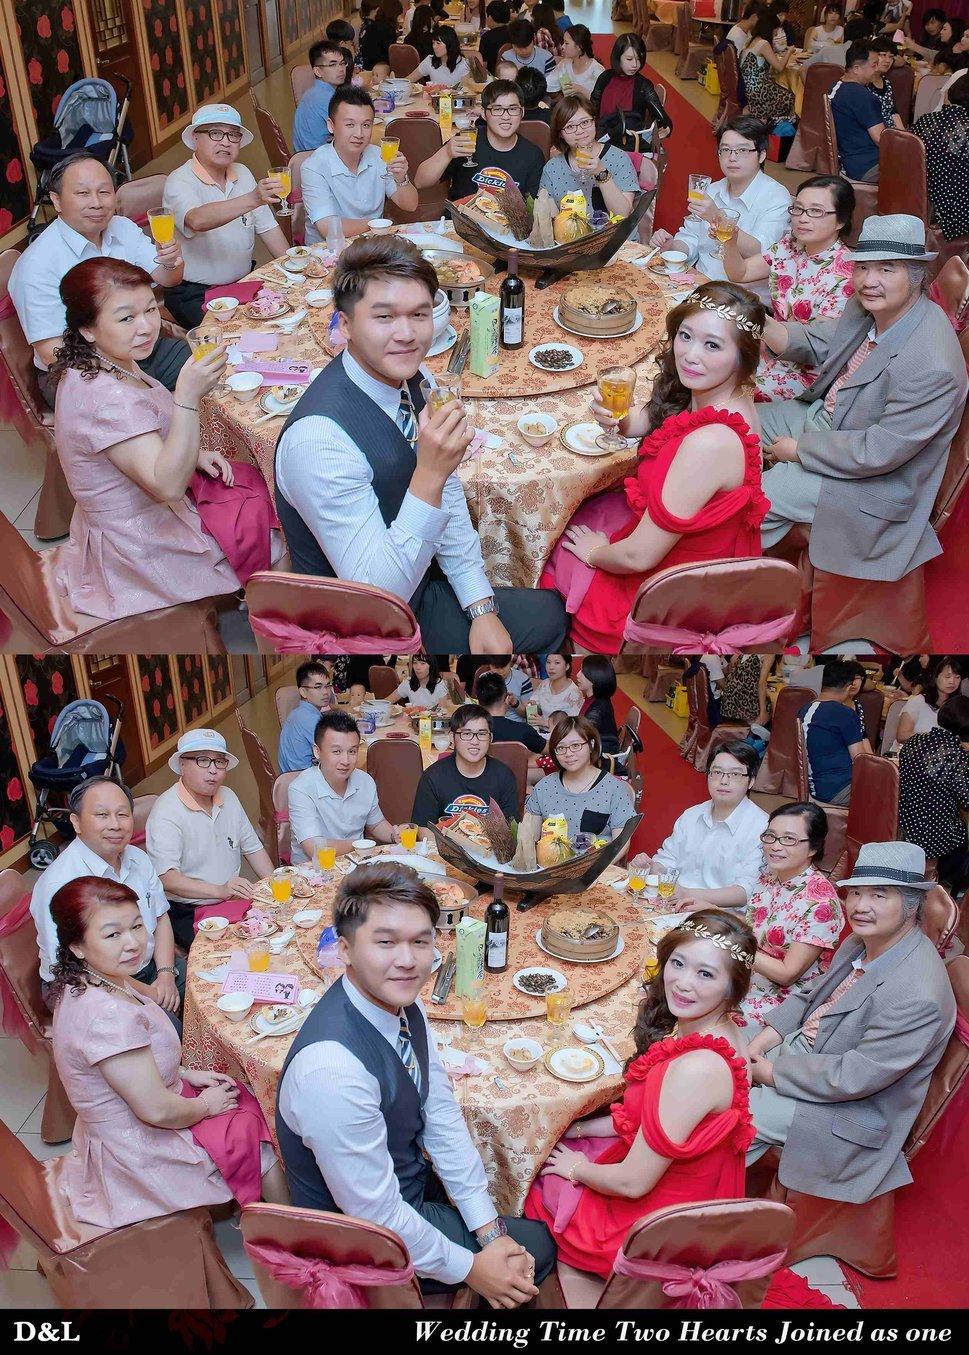 婚禮記錄 俊明&少怡(編號:248829) - D&L 婚禮事務-婚禮攝影/婚紗寫真 - 結婚吧一站式婚禮服務平台